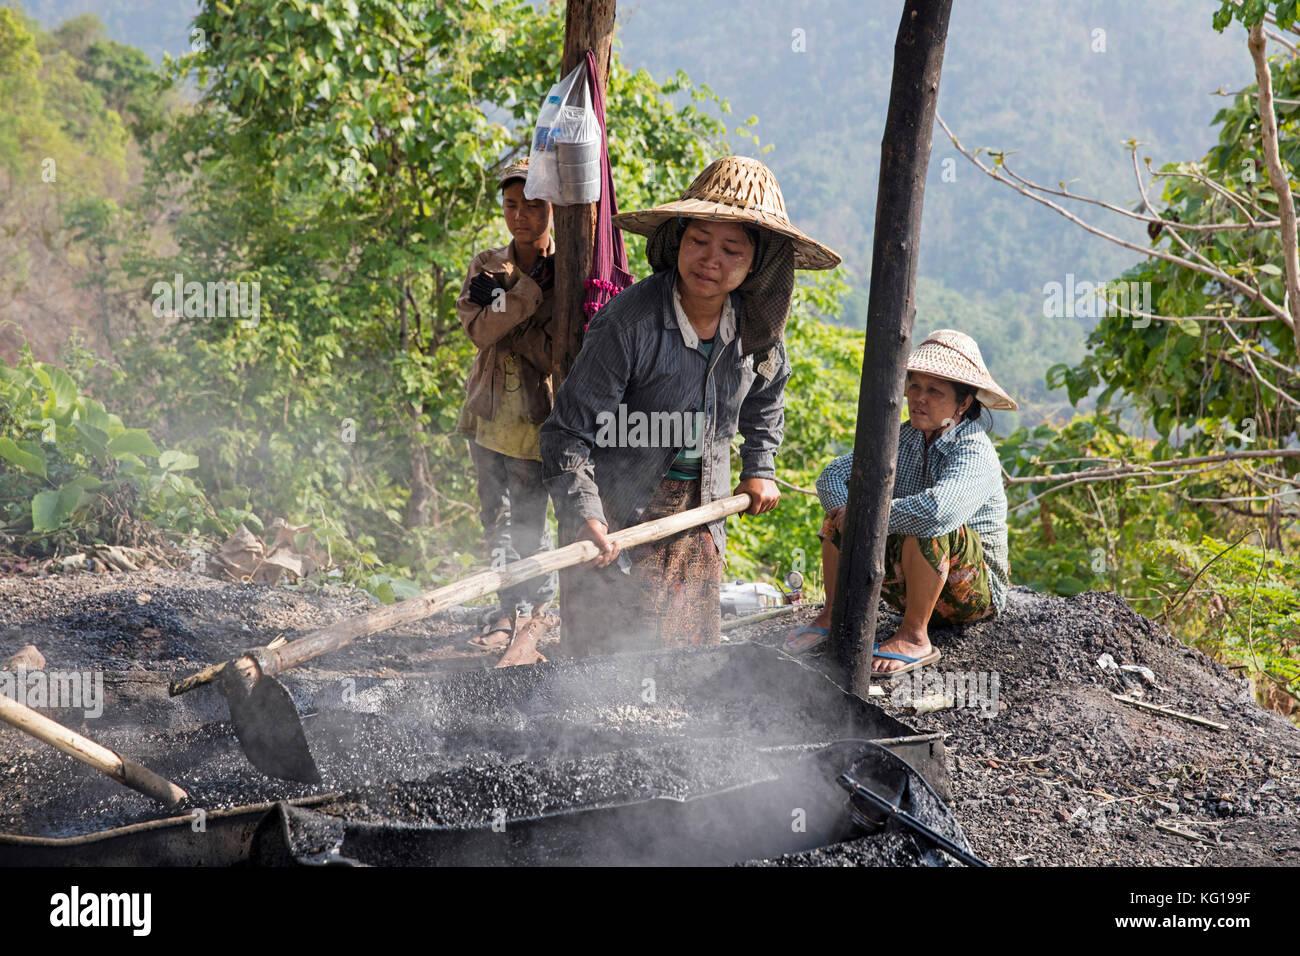 Burmese female road workers / roadmenders producing tar to repair a road in Myanmar / Burma - Stock Image